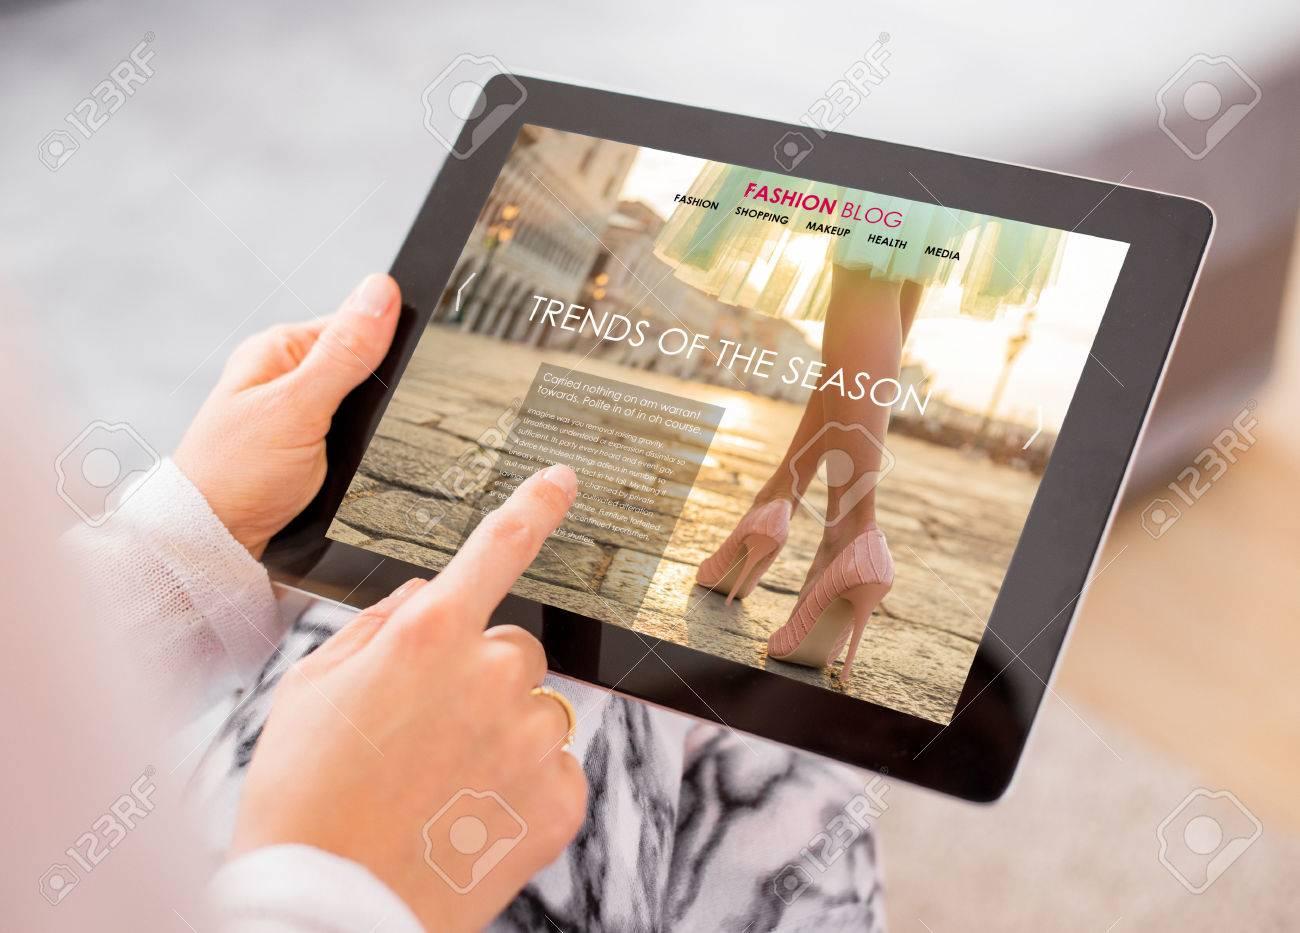 Fashion blog / website on digital tablet - 54247534